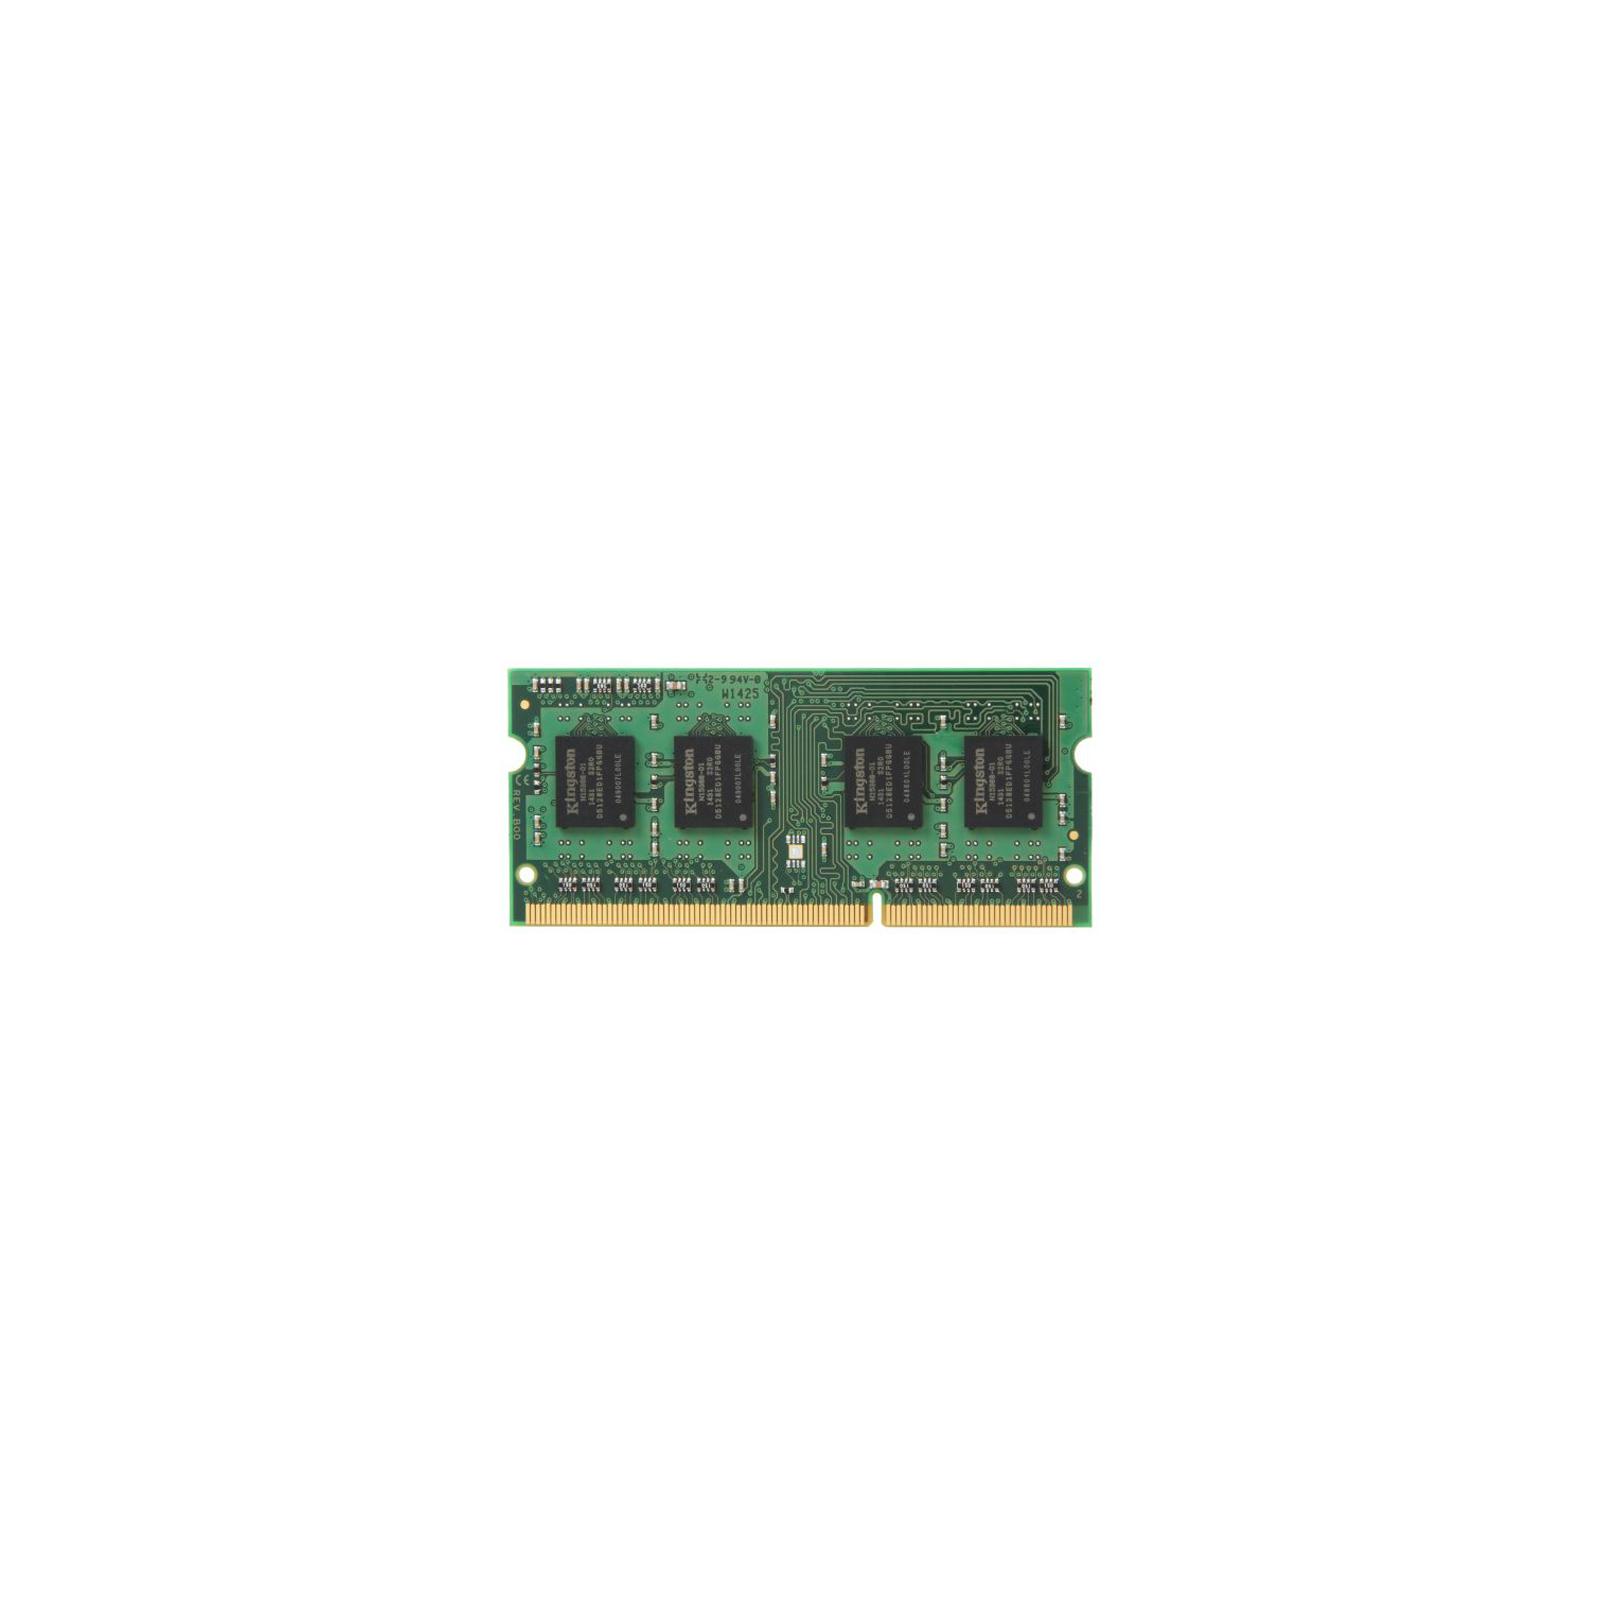 Модуль памяти для ноутбука SoDIMM DDR3 4GB 1600 MHz Kingston (KTD-L3CL/4G) изображение 2